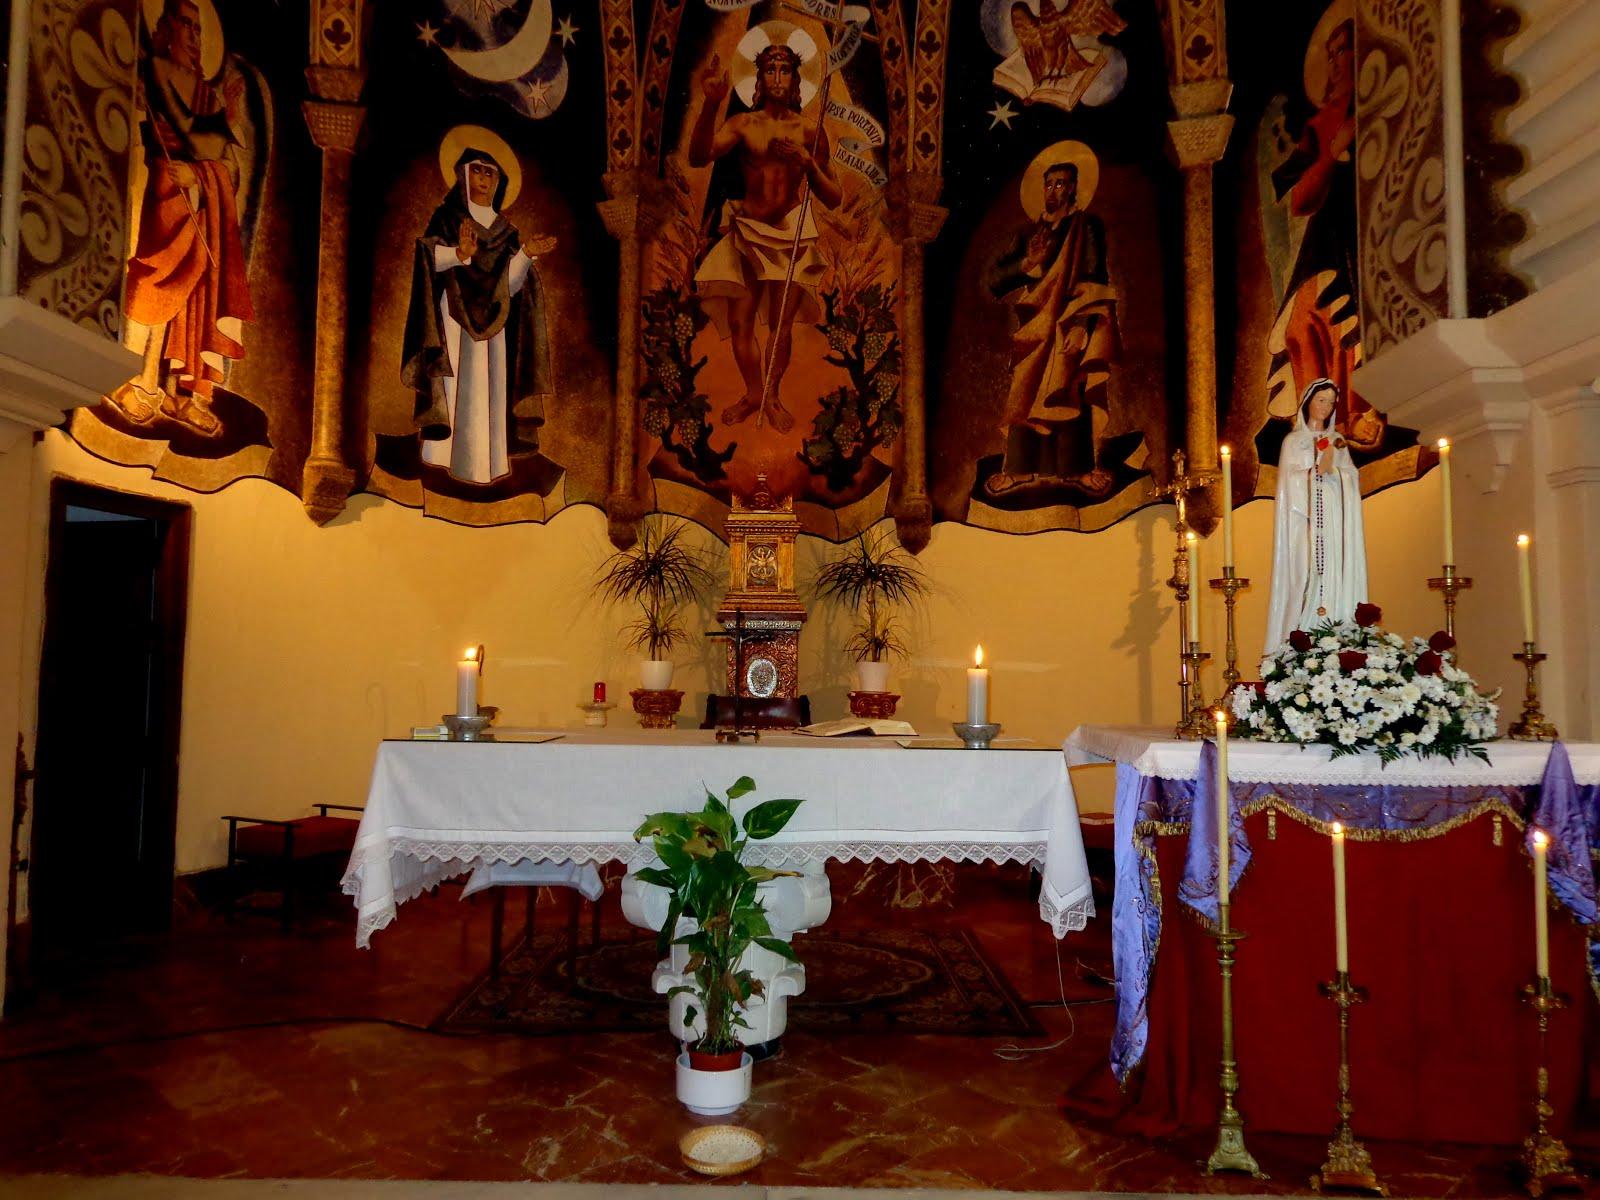 Sus Imágenes Producen muchos Eventos Sobrenaturales: María Rosa Mystica, Italia (13 de julio)